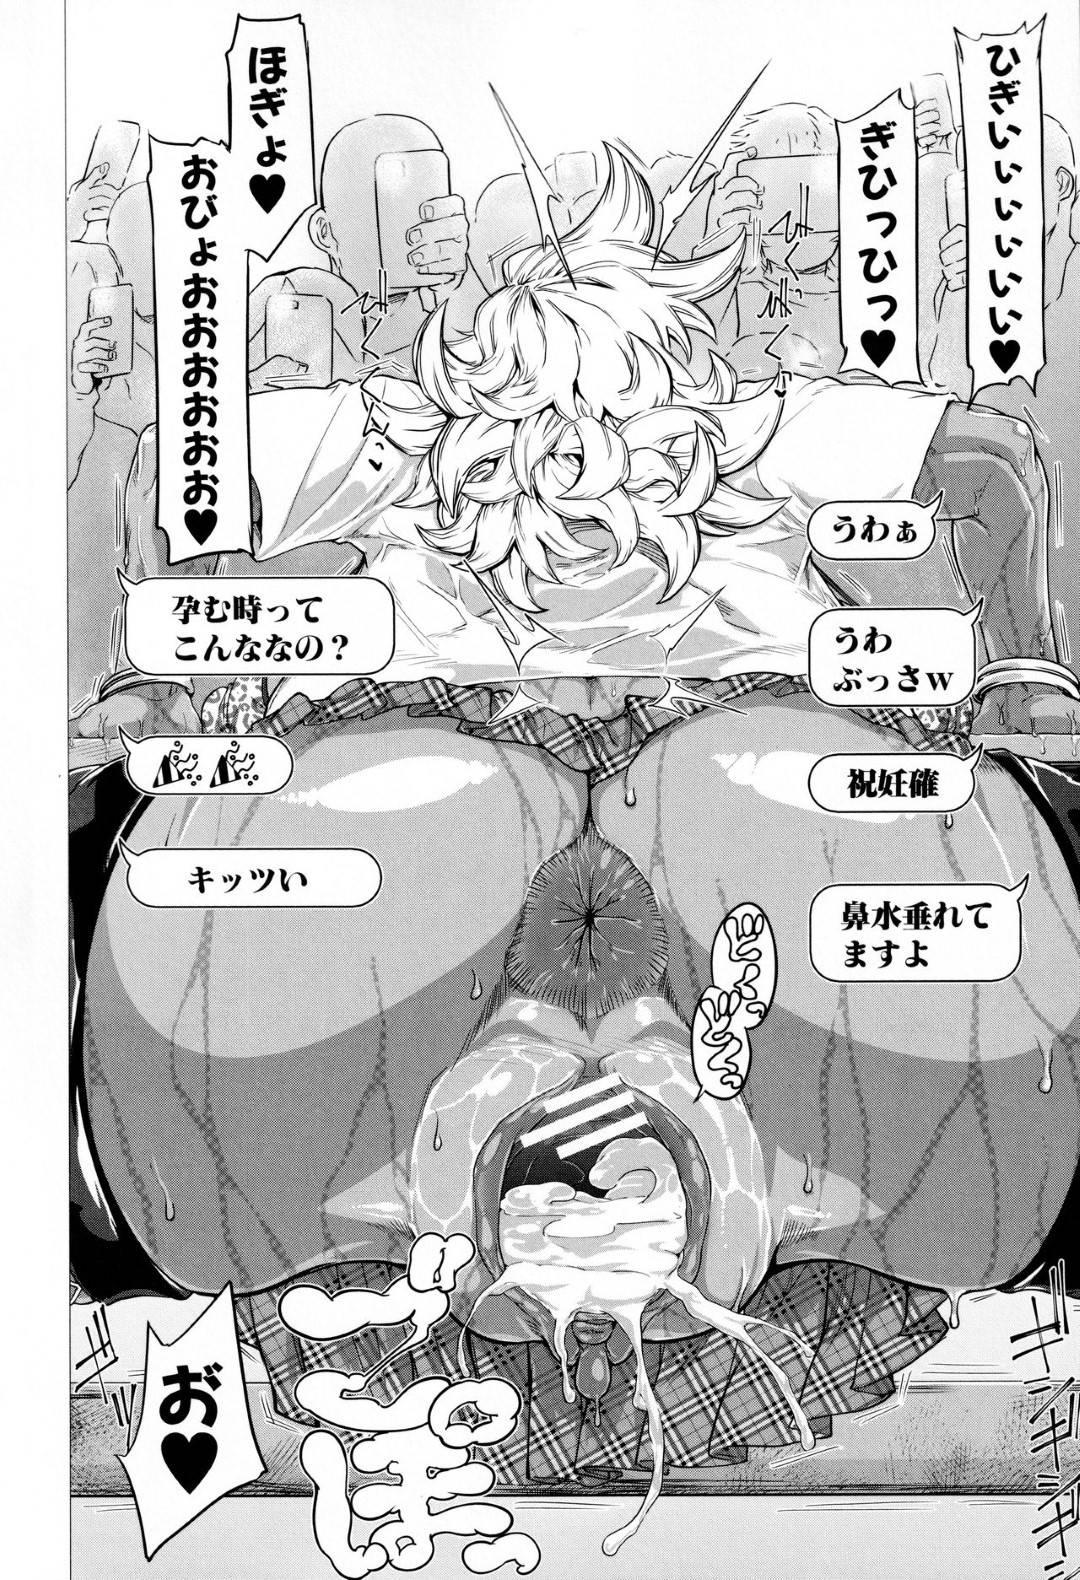 弟の肉便器になり調教されるJKの姉…JKの間で肉便器になるのが流行り、姉は勝手に弟の肉便器になる。逆さま69状態で弟にクンニされると大放尿!姉は、バイブにダインベルを装着され筋トレさせられると、我慢できずに中出しセックスで犯されアヘ顔を晒る!姉は弟に調教され雌豚へと堕とされる!【山田シグ魔:お姉ちゃんはバズりたい。】